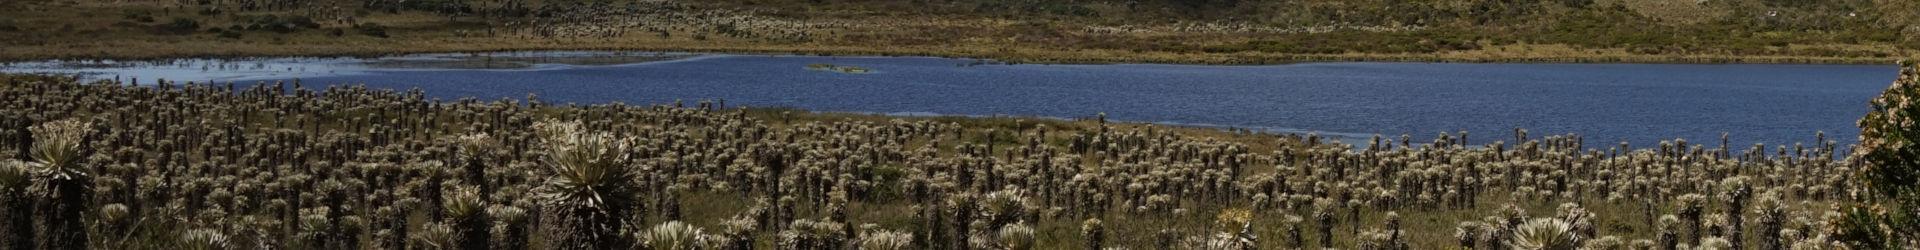 Paramo Monte de Leona, Boyacá